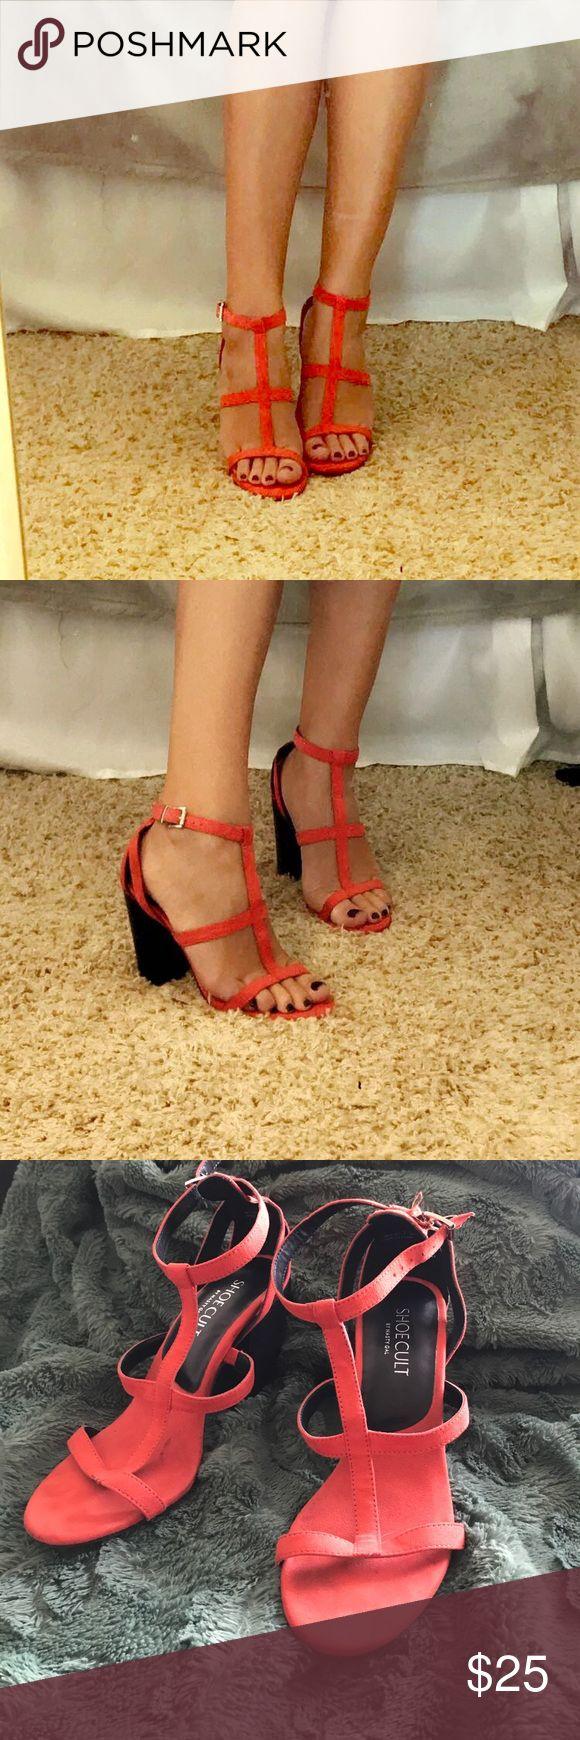 Orange heels Burnt orange strappy heels, worn twice. Super comfy! Shoes Heels